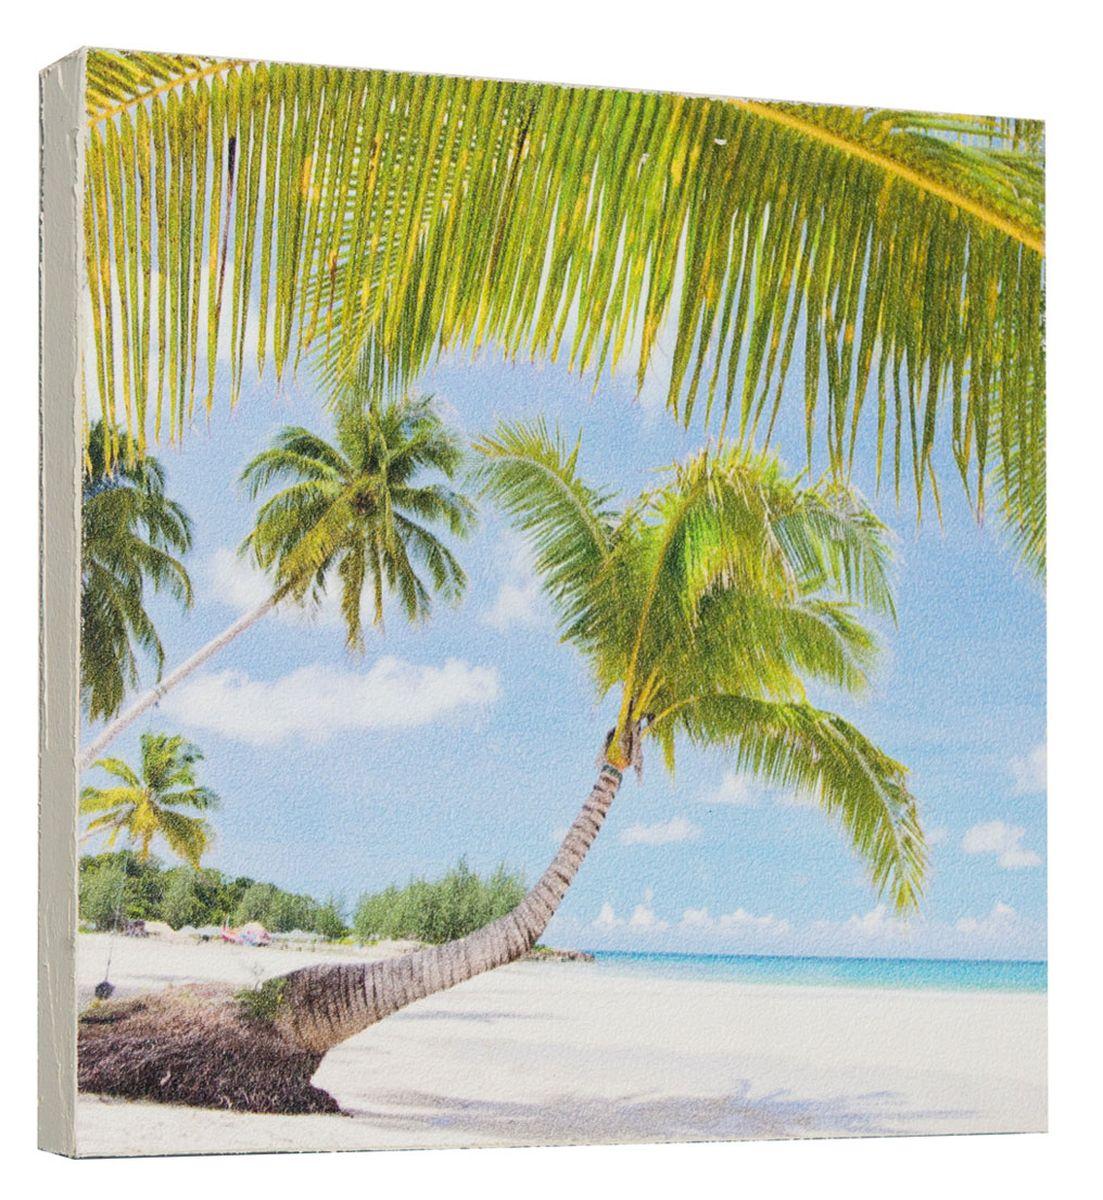 Картина Mister Poster Тропическая пальма, 22 х 22 см0297-22-22Картина Mister Poster - это высококачественная репродукция на деревянной раме. Лицевая поверхность имитирует штукатурку или натуральный холст, края окрашены вручную специальным декоративным составом. Современные технологии, уникальное оборудование и оригинальные чернила, используемые при изготовлении, делают постер устойчивым к выцветанию, а также гарантируют стойкость к воздействию негативных внешних факторов. Интерьер дома и офиса, в котором находится человек, в значительной степени влияет на его настроение и работоспособность. Правильное оформление интерьера создает благоприятный психологический климат, улучшает настроение и мотивирует. Добавьте «красок» в ваш интерьер и, возможно, в вашу жизнь.